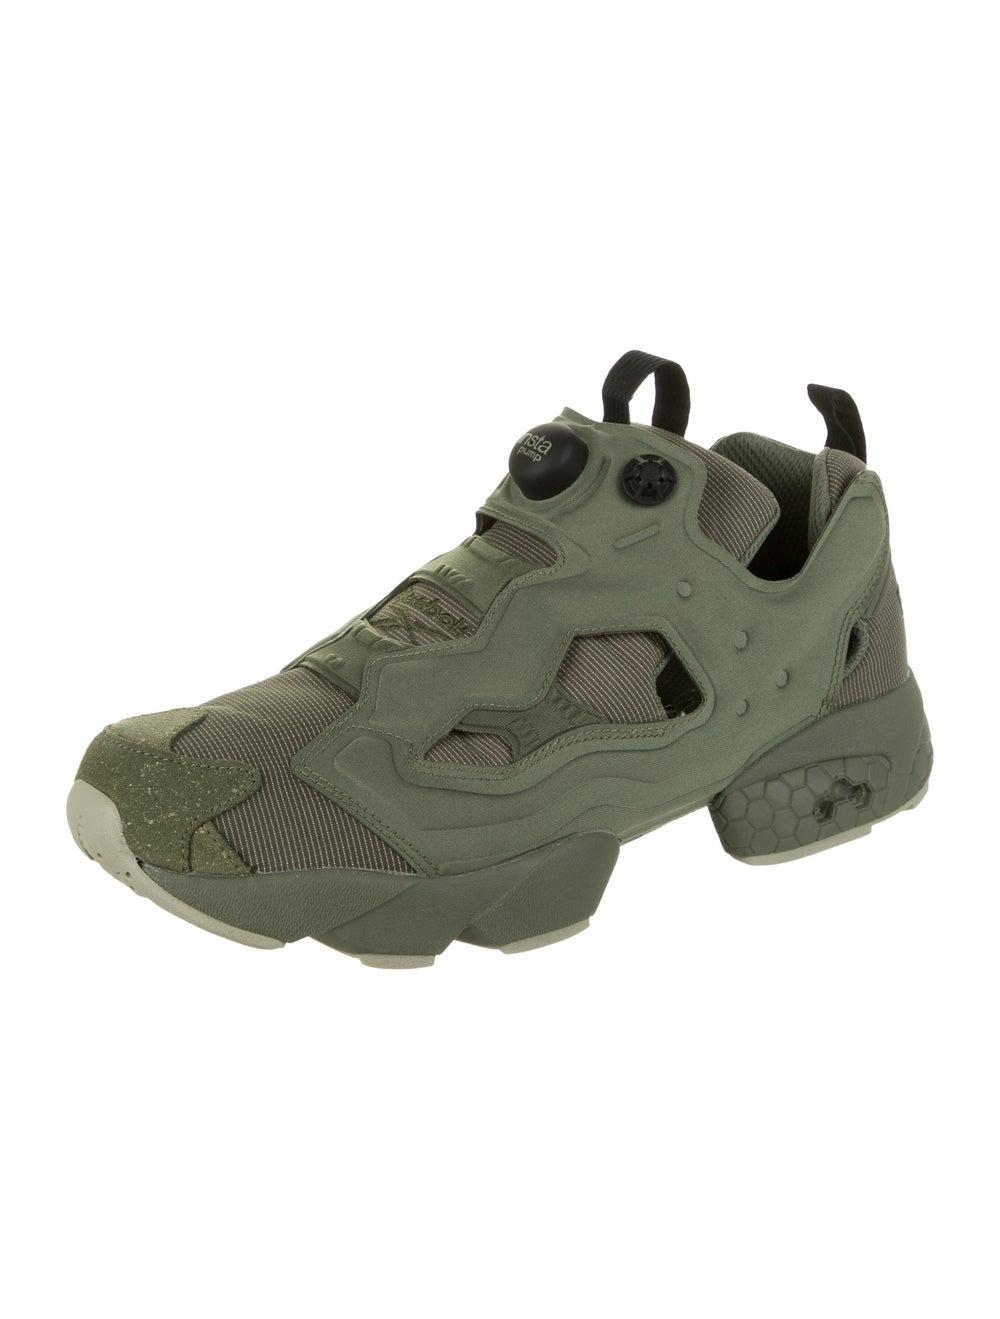 Reebok Instapump Fury Sneakers olive - image 2